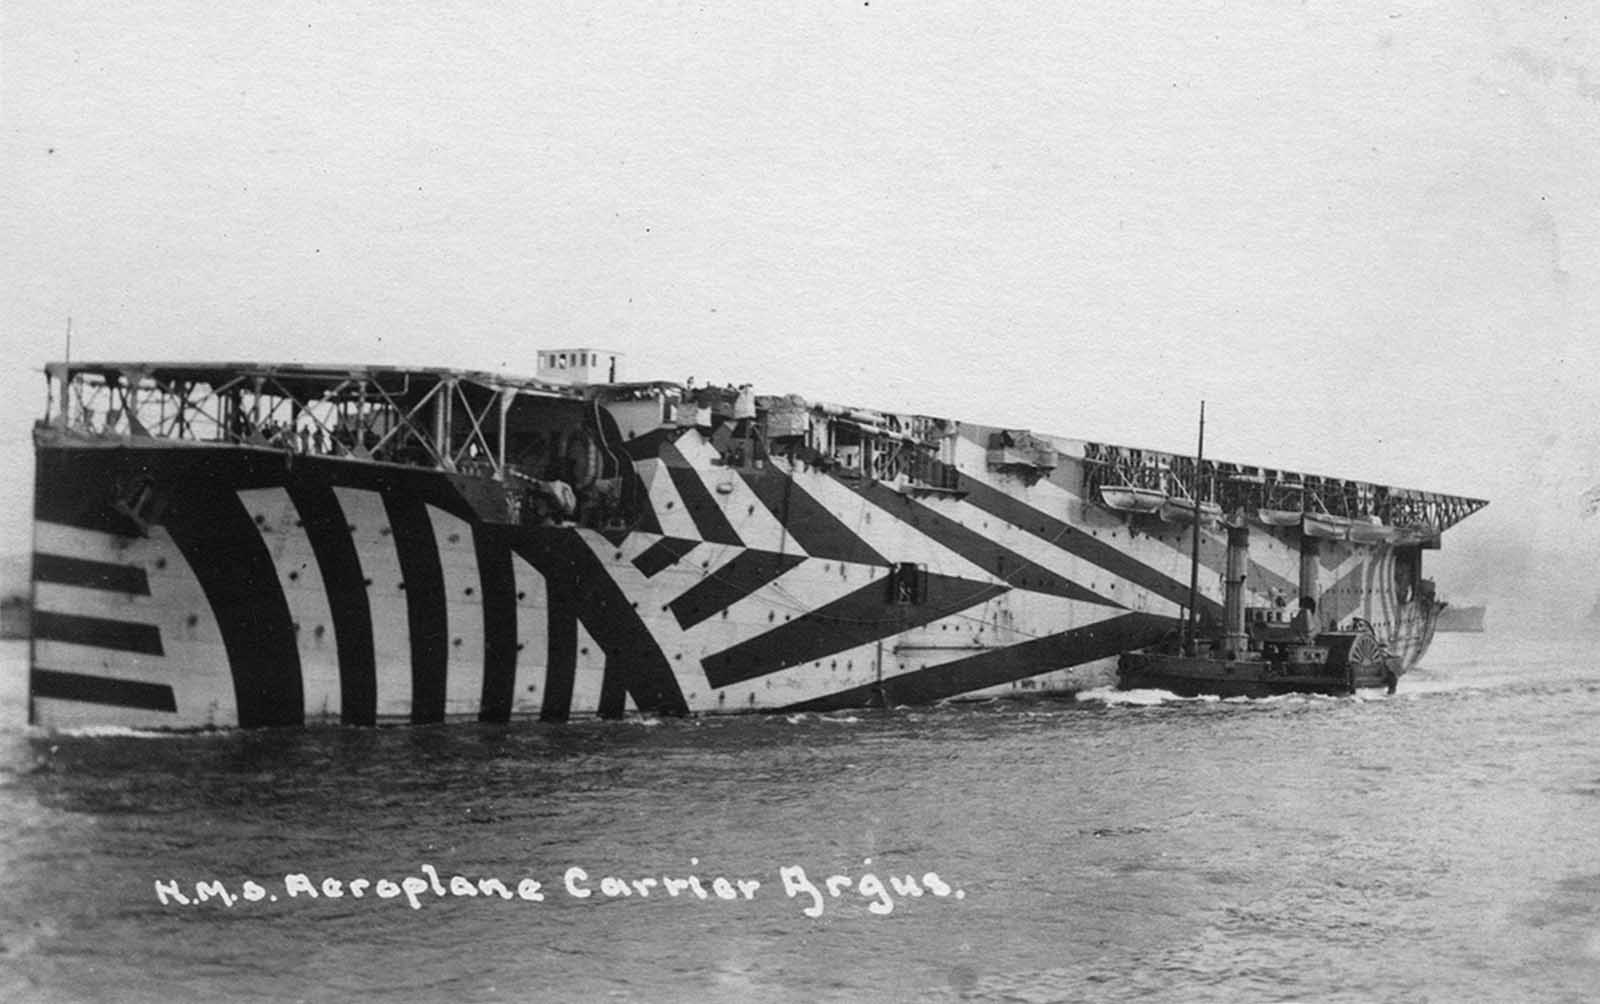 El portaaviones británico HMS Argus. Convertido de un transatlántico, el Argus podía llevar entre 15 y 18 aviones. Comisionado al final de la Primera Guerra Mundial, el Argus no vio ningún combate. El casco del barco está pintado en camuflaje Dazzle. El camuflaje deslumbrante se usó ampliamente durante los años de guerra, diseñado para dificultar que un enemigo calcule el alcance, el rumbo o la velocidad de una nave, y lo convierta en un objetivo más difícil, especialmente como se ve desde el periscopio de un submarino.